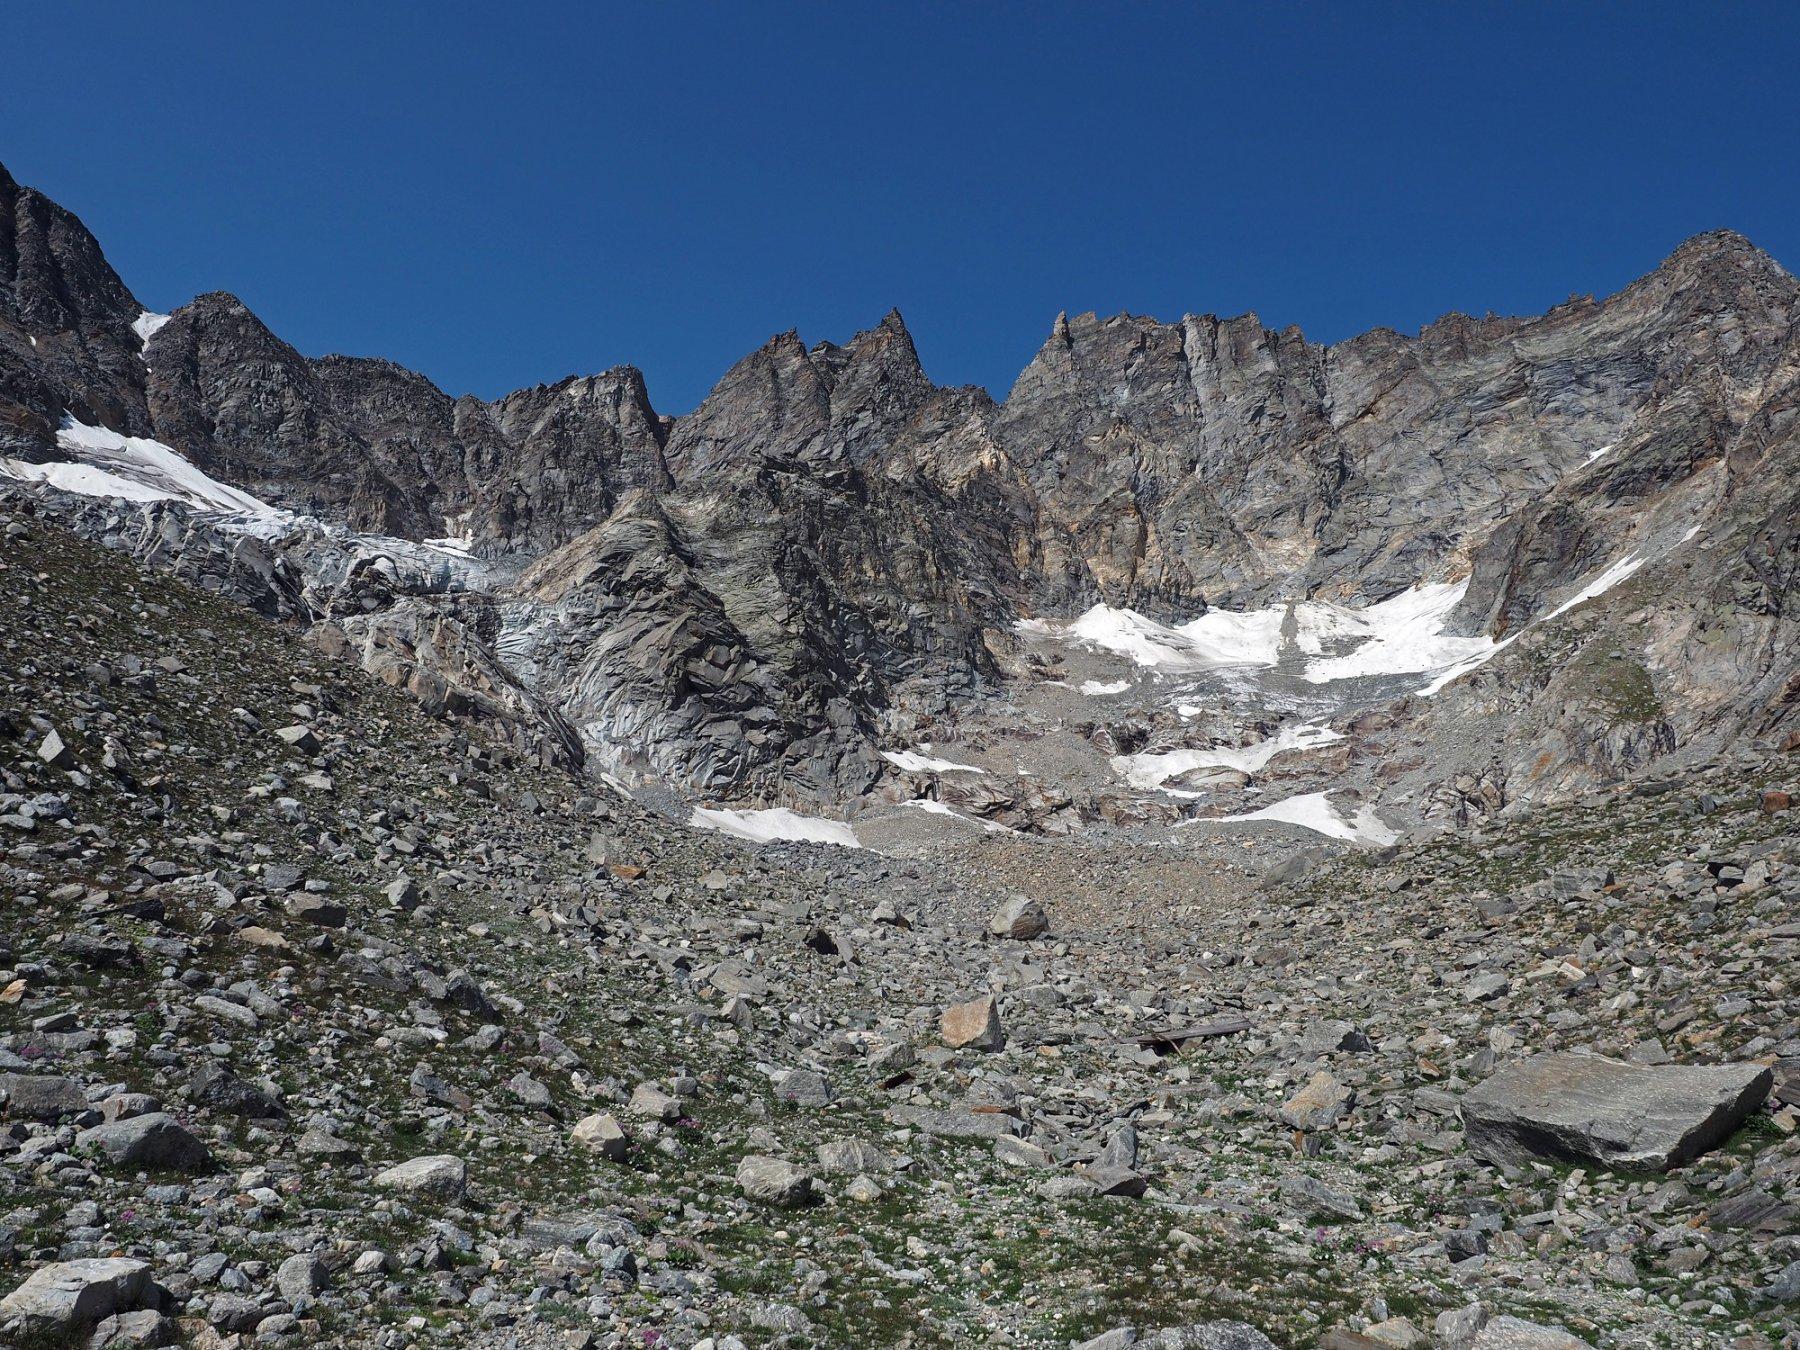 I ghiacciai del Mulinet visti dal fondo della morena nei pressi dell'ex bivacco